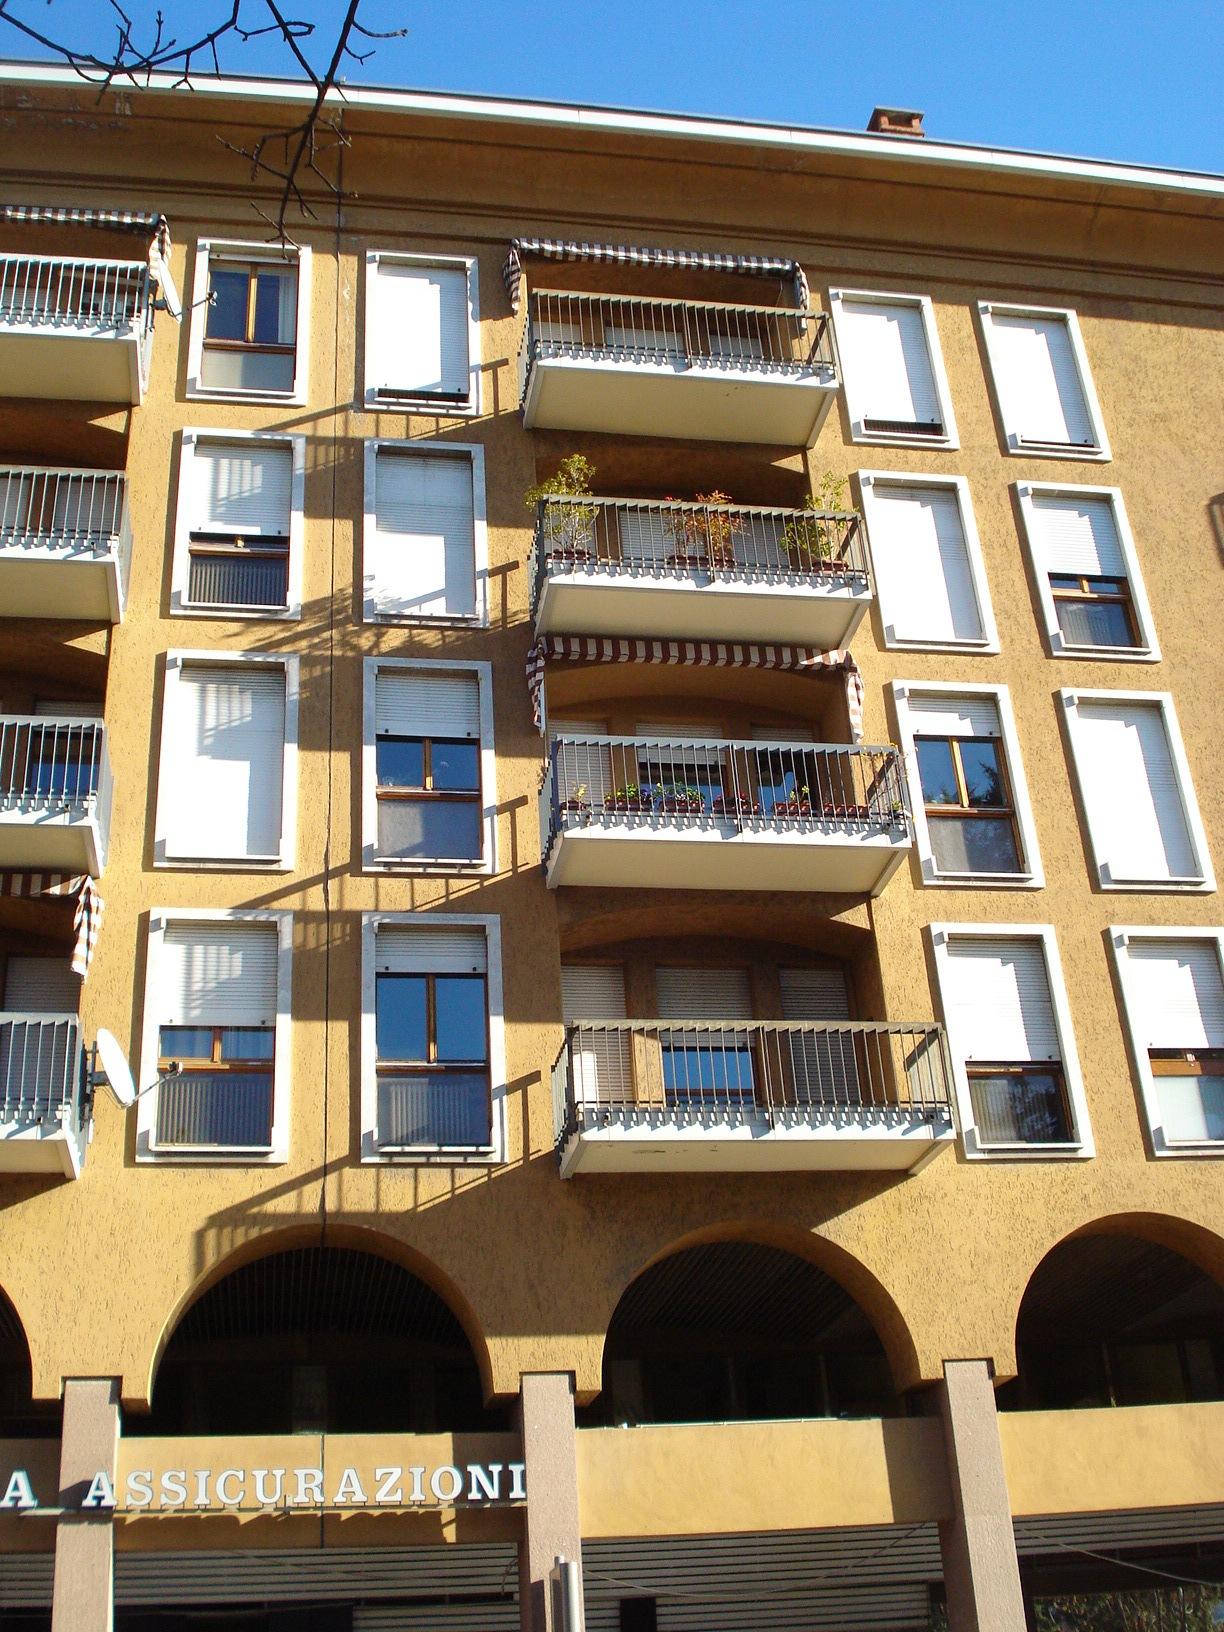 Appartamento in affitto a Biella, 2 locali, zona Zona: Centro, prezzo € 550 | CambioCasa.it